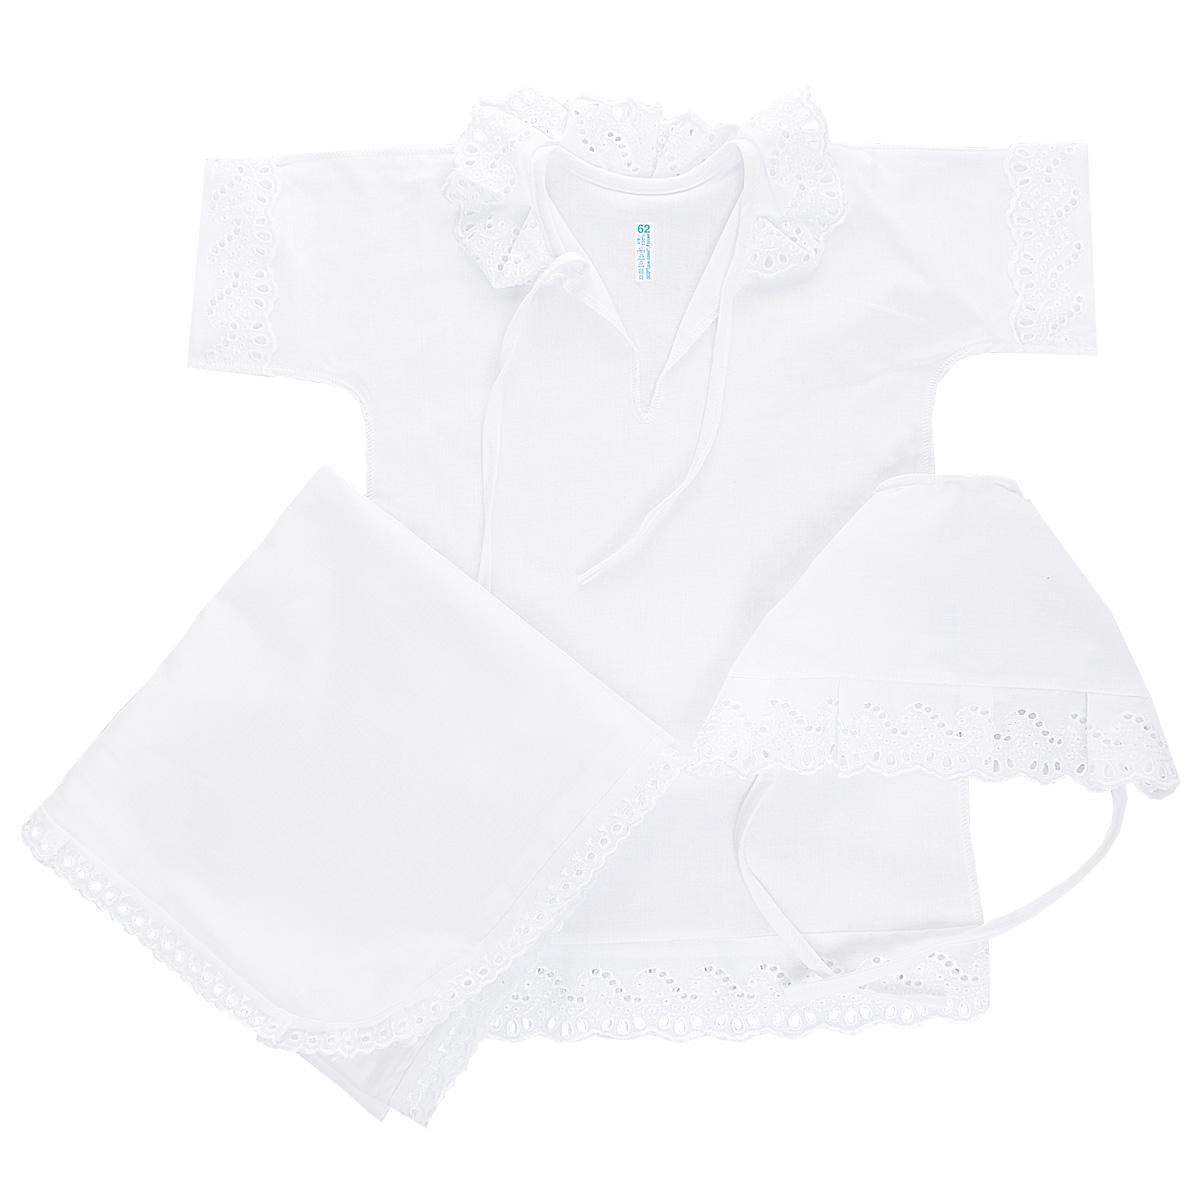 Крестильный набор1417Очаровательный комплект для крещения Трон-плюс состоит из рубашки, пеленки и чепчика. Изготовленный из натурального хлопка, он необычайно мягкий и приятный на ощупь, не сковывает движения малышки и позволяет коже дышать, не раздражает нежную кожу ребенка, обеспечивая ему наибольший комфорт. Рубашка трапециевидной формы с круглым воротником и длинными рукавами на груди завязывается на две ленточки, которые помогают с легкостью переодеть ребенка. Вырез горловины украшен ажурной оборкой. Низ рукавов низ изделия также украшены ажурными узорами и вышивкой. Снизу по бокам рубашечка дополнена небольшими разрезами. Мягкий чепчик необходим любому младенцу, он защищает еще не заросший родничок, щадит чувствительный слух малыша, прикрывая ушки, и предохраняет от теплопотерь. Чепчик декорирован очаровательным ажурным кружевом. Хлопковая пеленка идеально подходит для ухода за ребенком после купания, так как позволяет полностью завернуть малыша и защитить его от простуды. По...